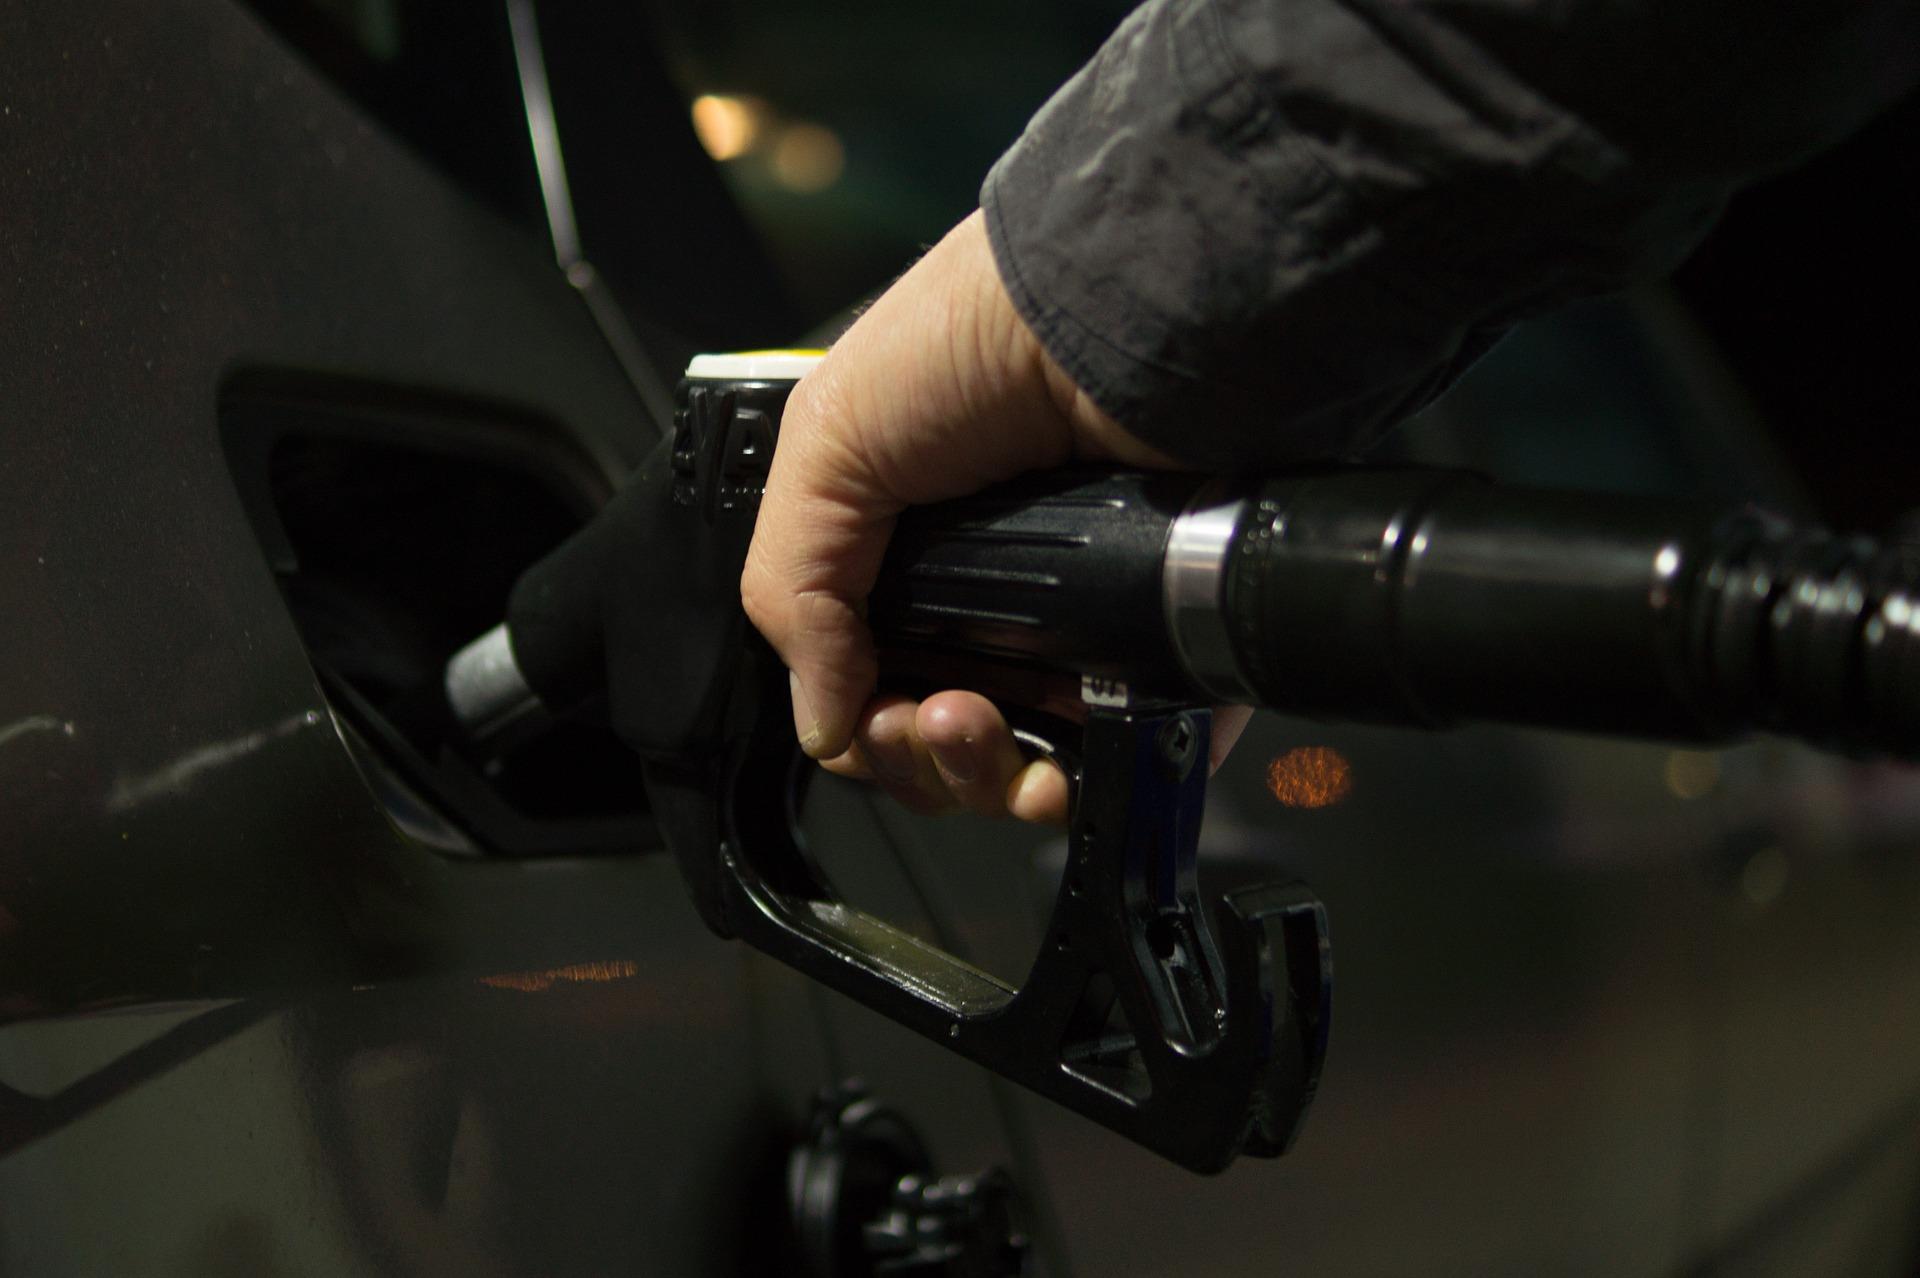 Na sliki nekdo toči gorivo v avtomobil